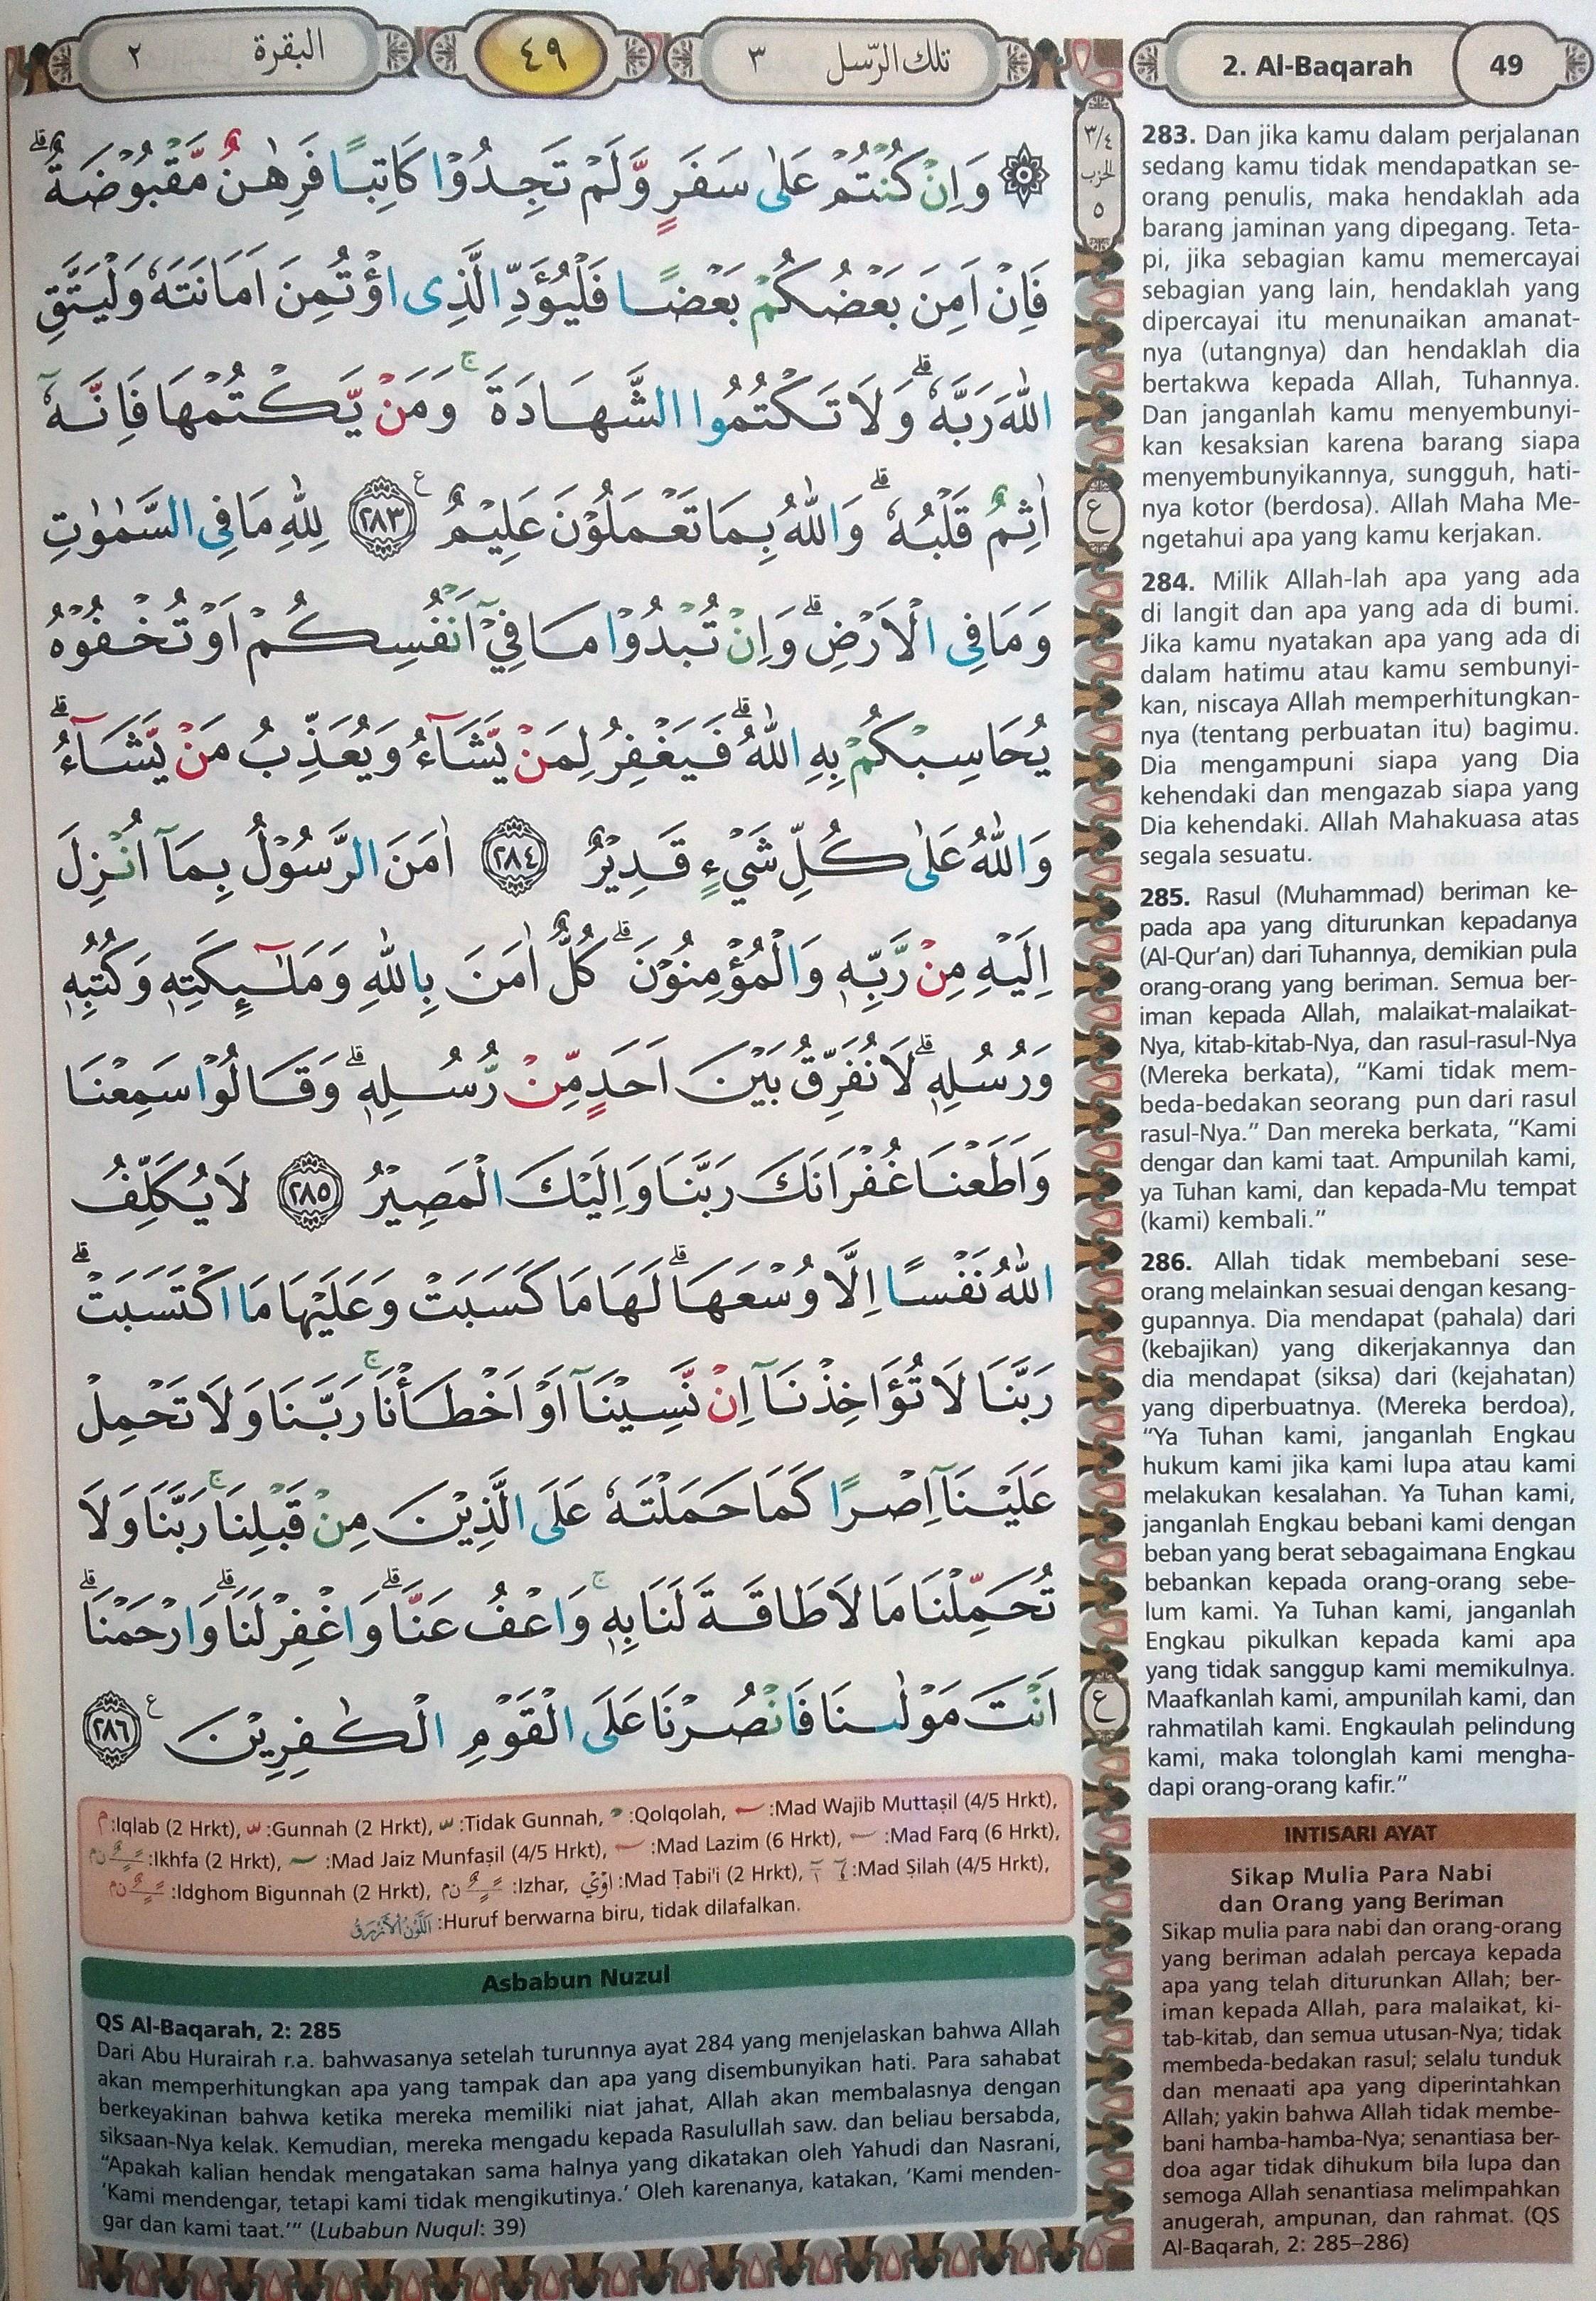 Surah Al Baqarah Beserta Tajwid : surah, baqarah, beserta, tajwid, Baqarah, 283-286, (Hal., Quran, Tajwid, Terjemahan